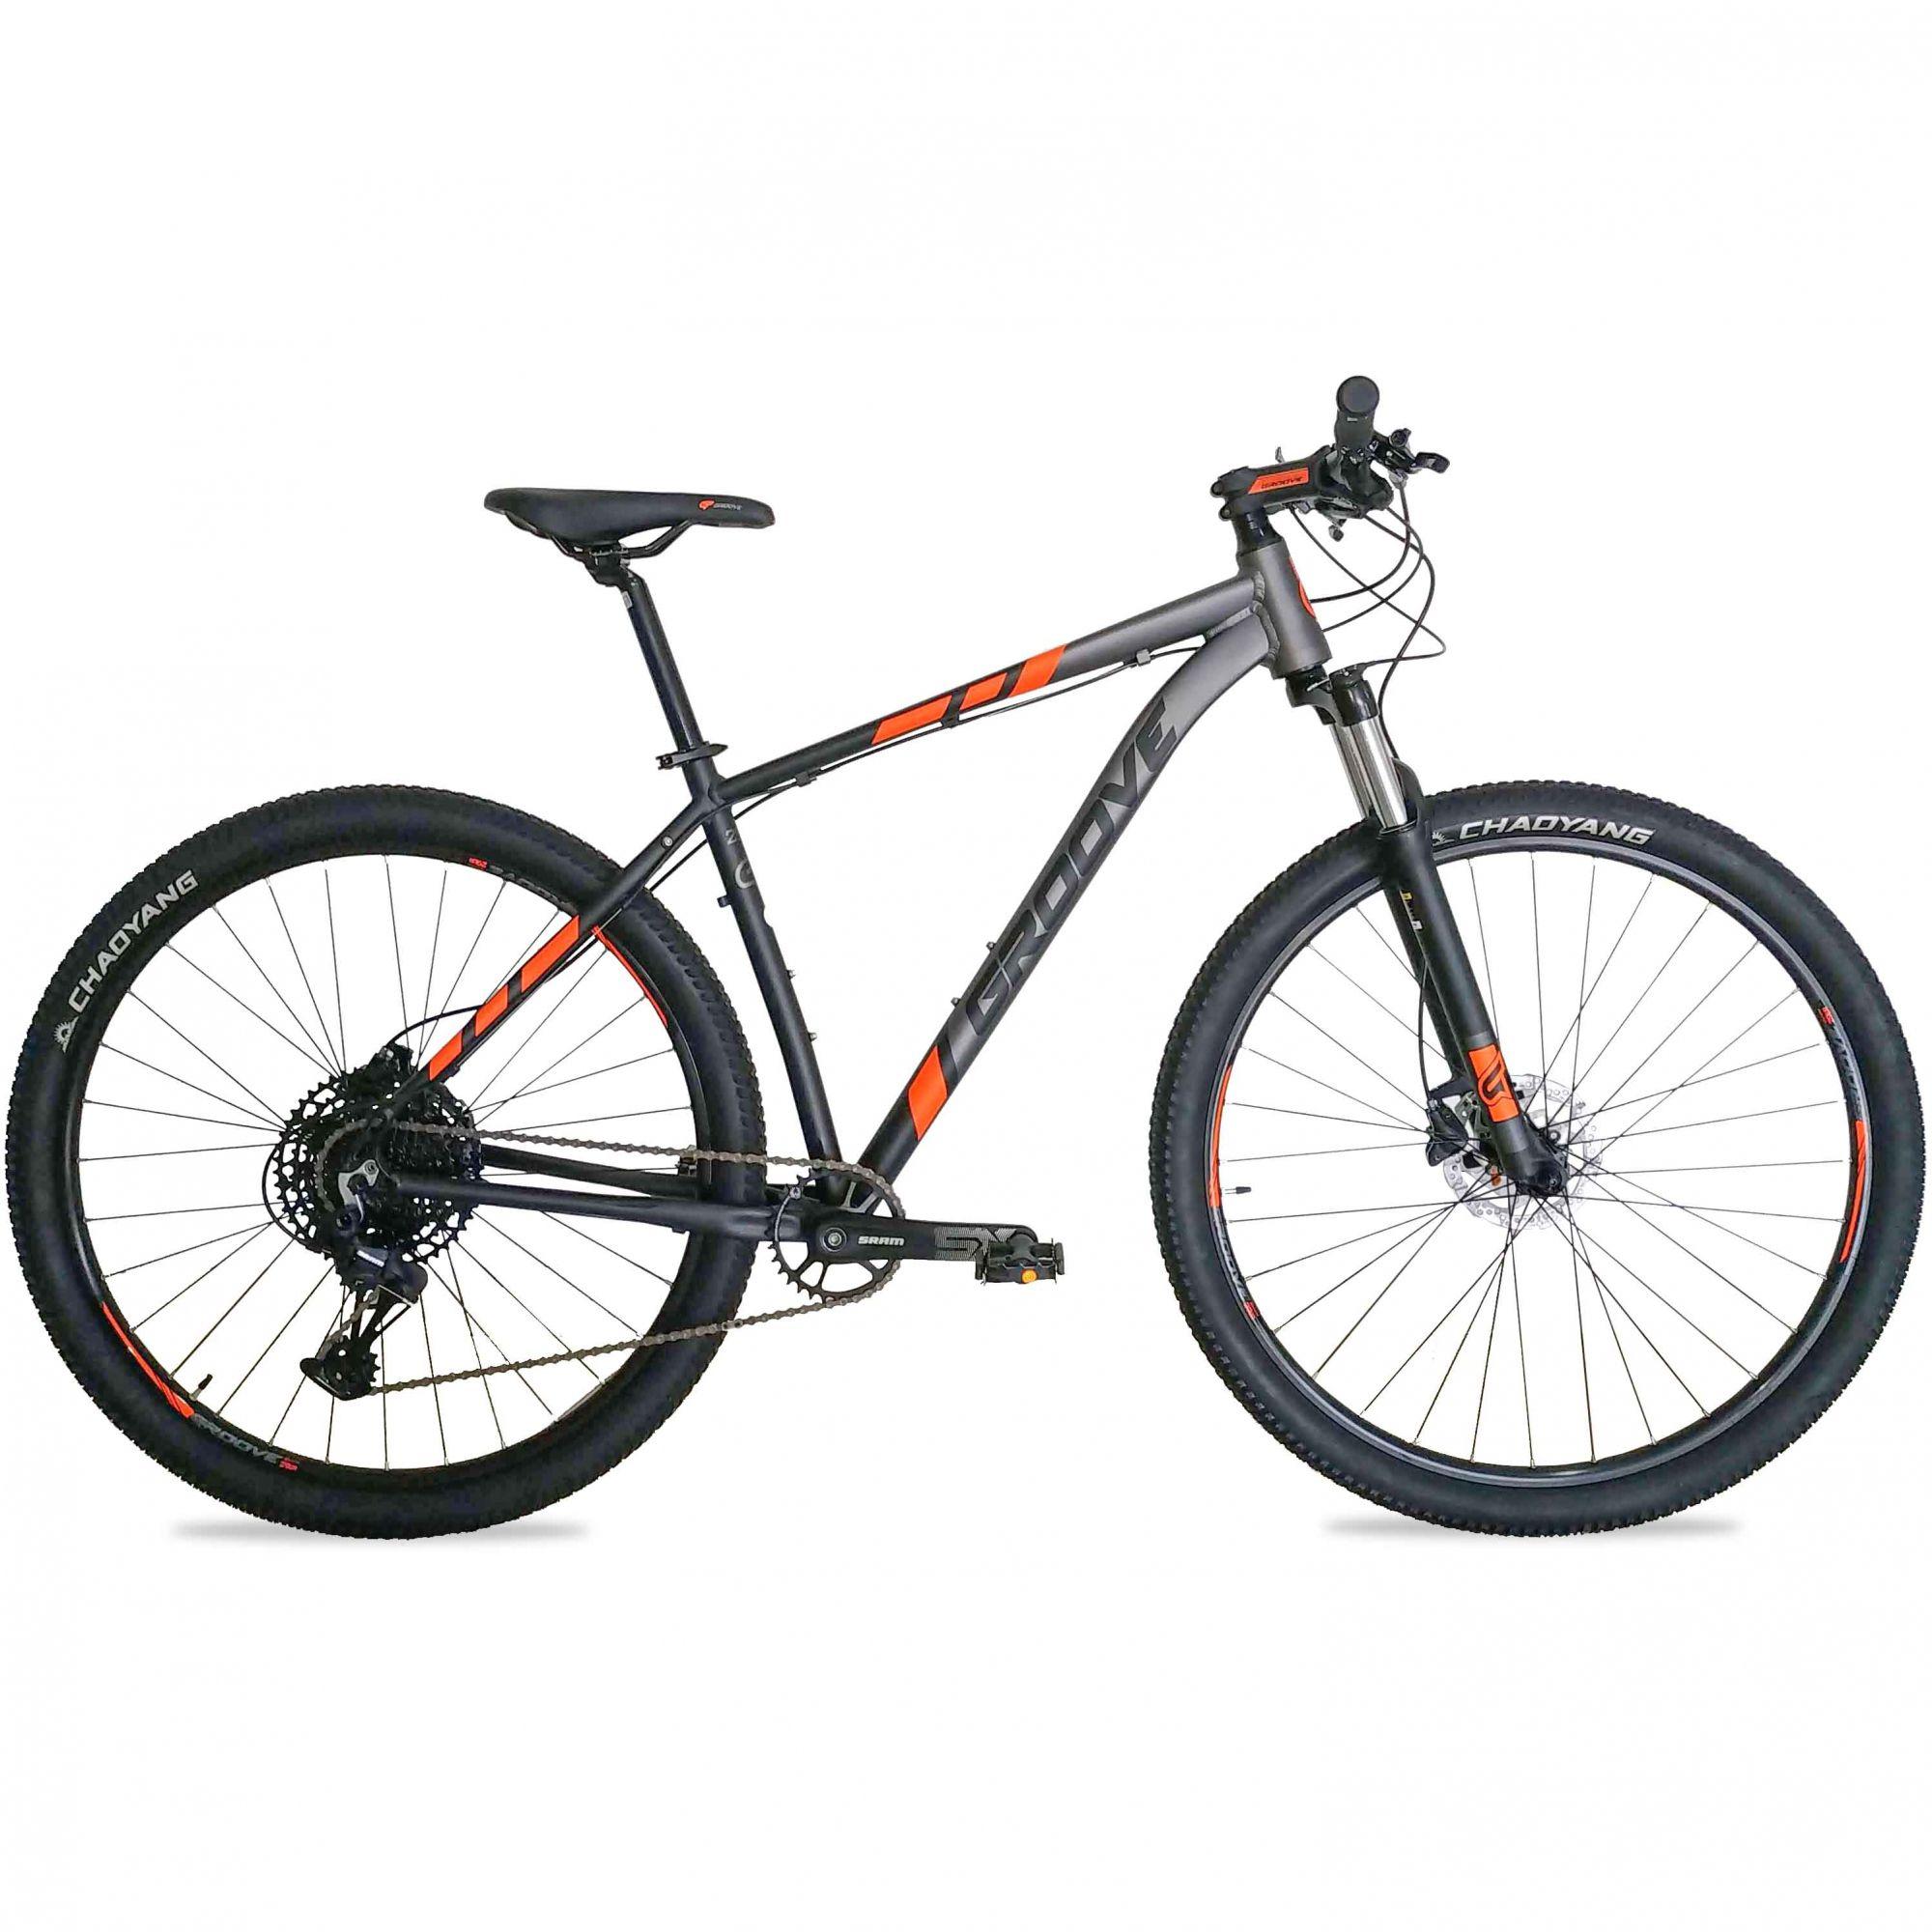 Bicicleta GROOVE Hype 90 - 12v Sram SX - Freio Shimano Hidráulico - Lançamento 2020